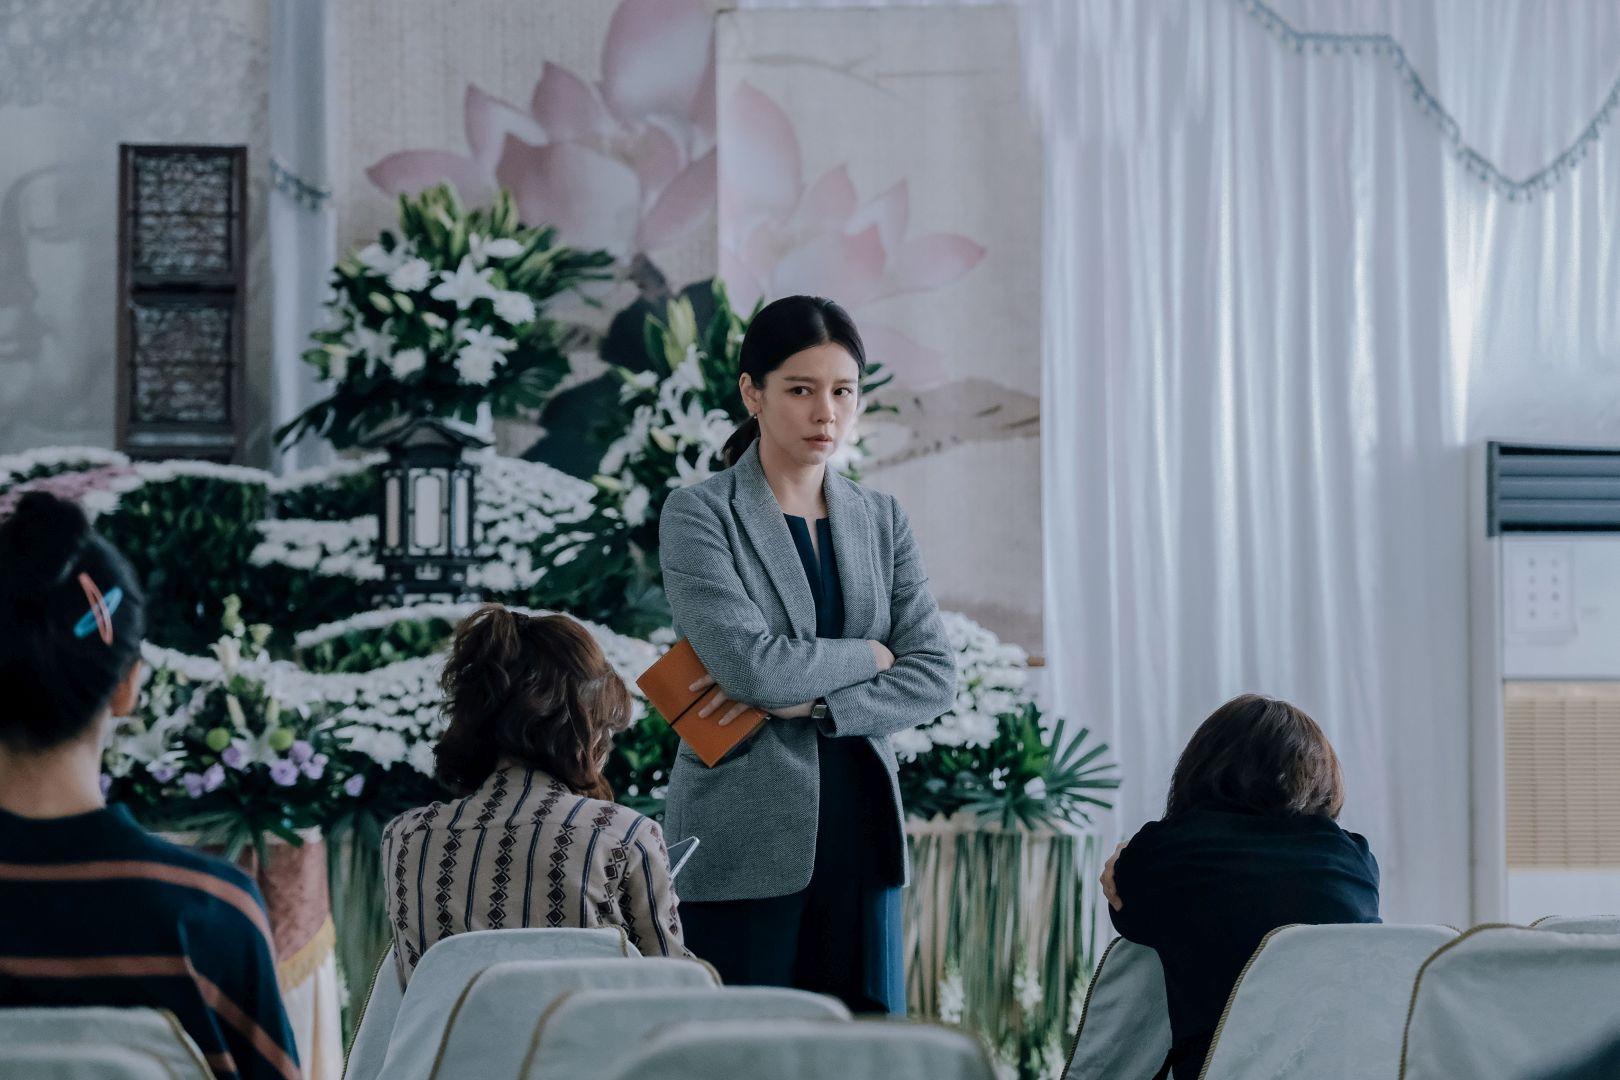 徐若瑄不僅參演電影,還首度跨足擔任監製